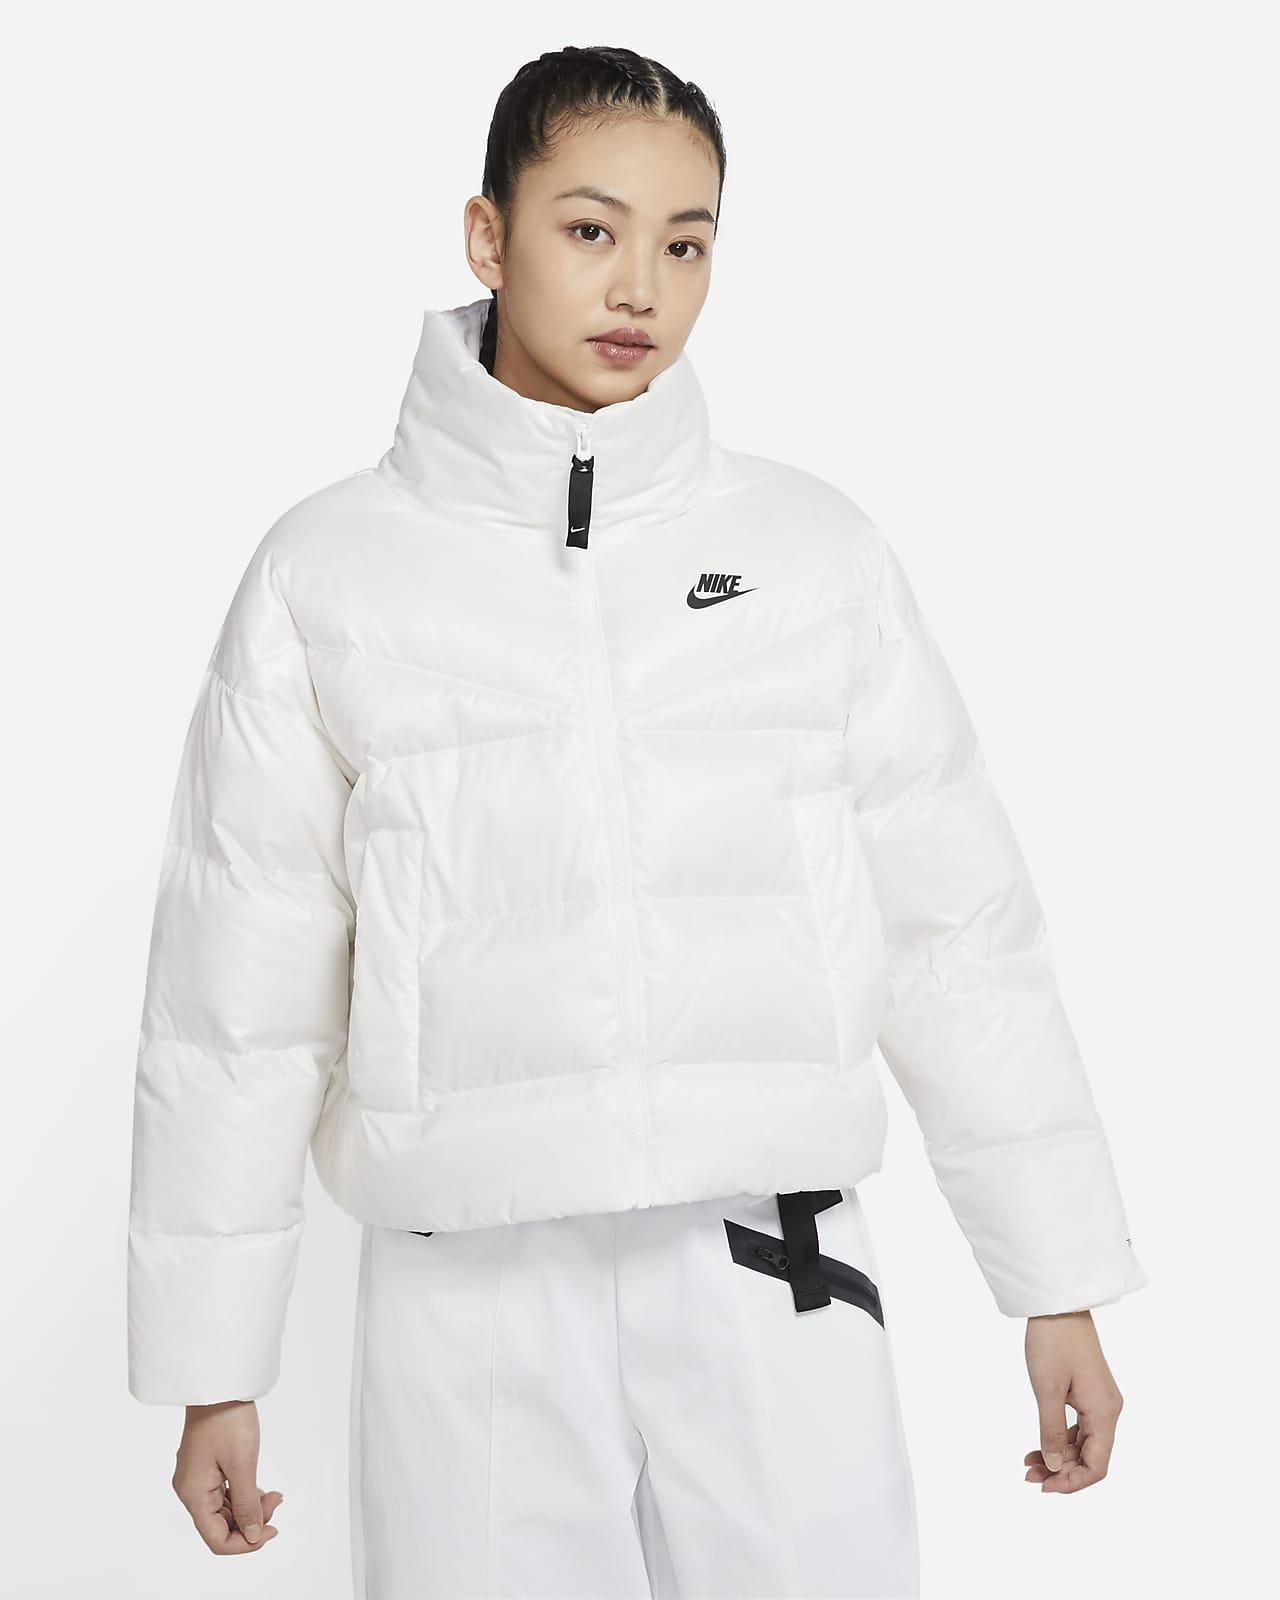 Nike Sportswear Therma-FIT City Series Women's Jacket